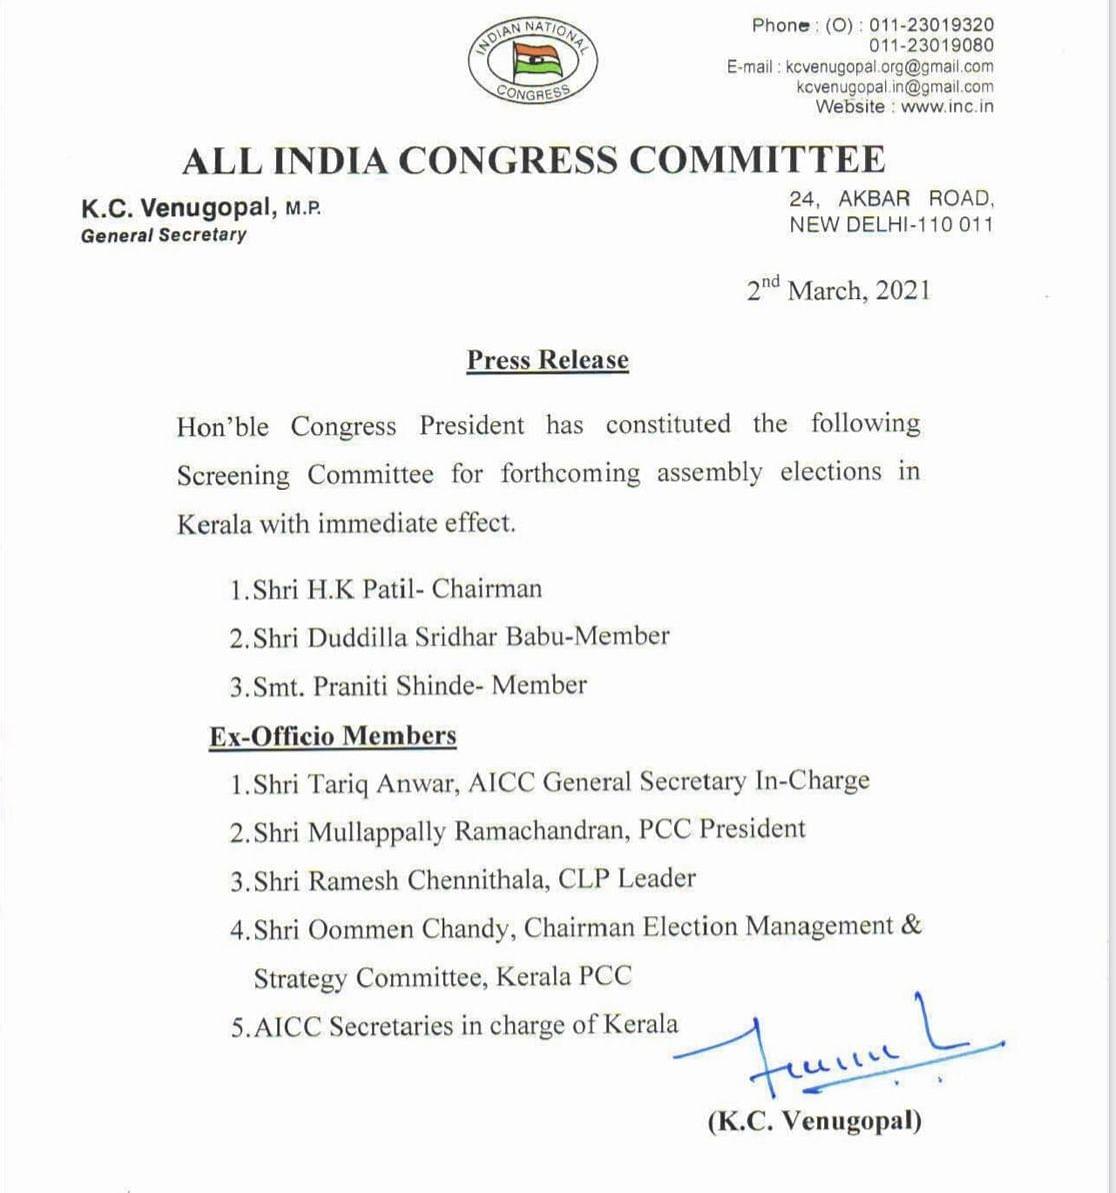 केरल, तमिलनाडु और पुडुचेरी के लिए कांग्रेस ने घोषित की स्क्रीनिंग कमेटी